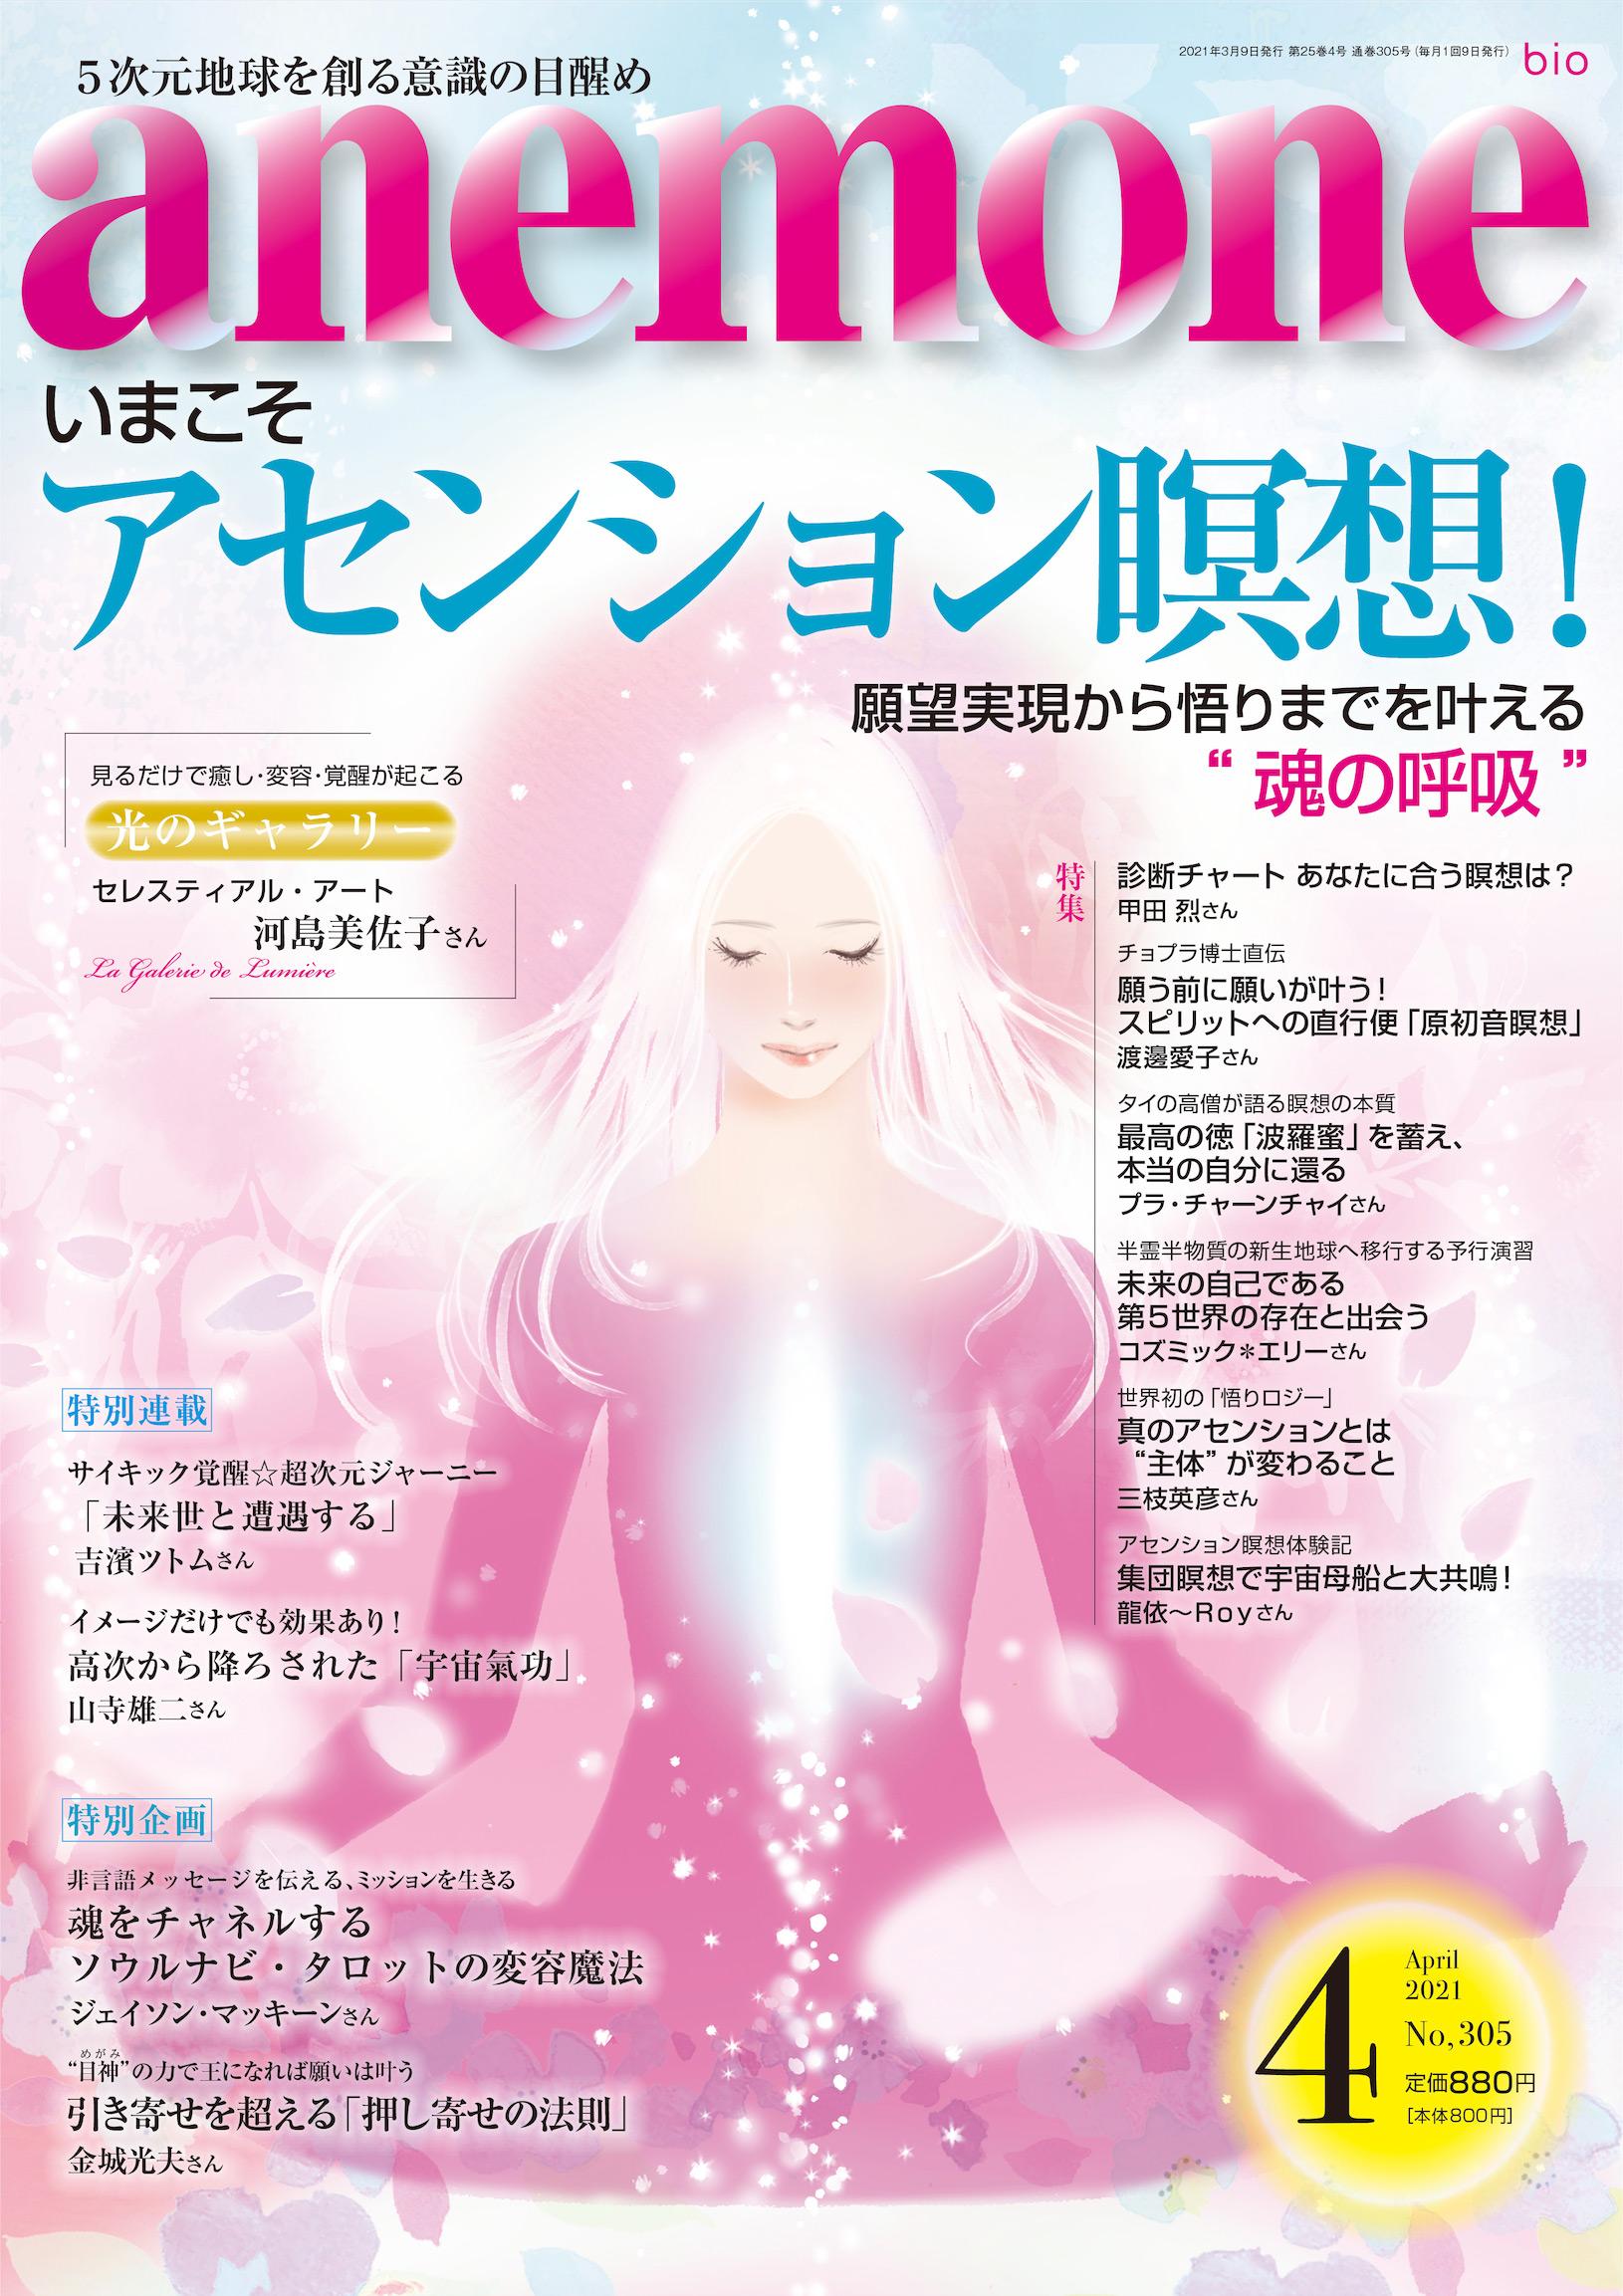 アネモネ4月号「瞑想」特集で原初音瞑想がトップバッターに☆